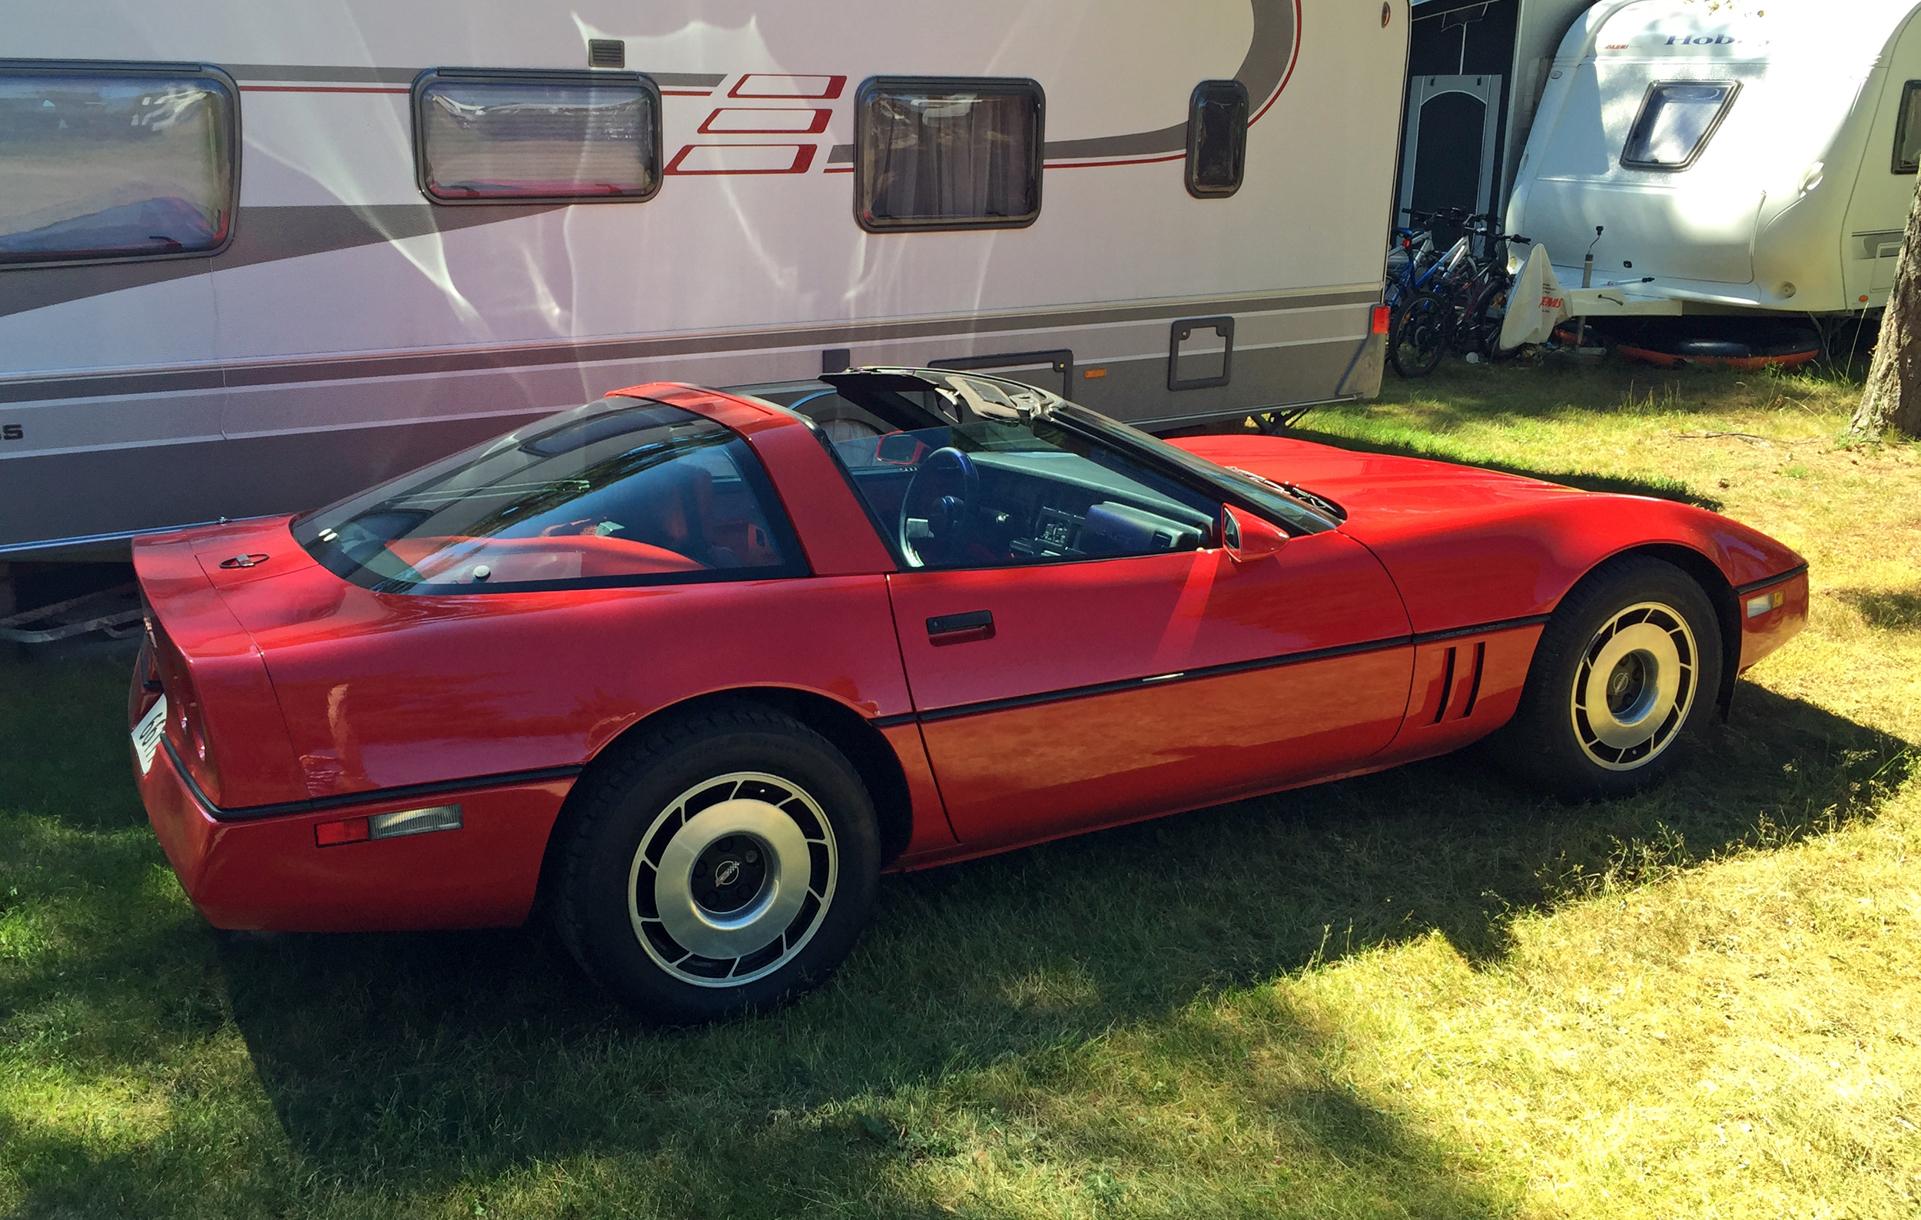 230-1985 Chevrolet Corvette C4 02. Eier- medlem 23